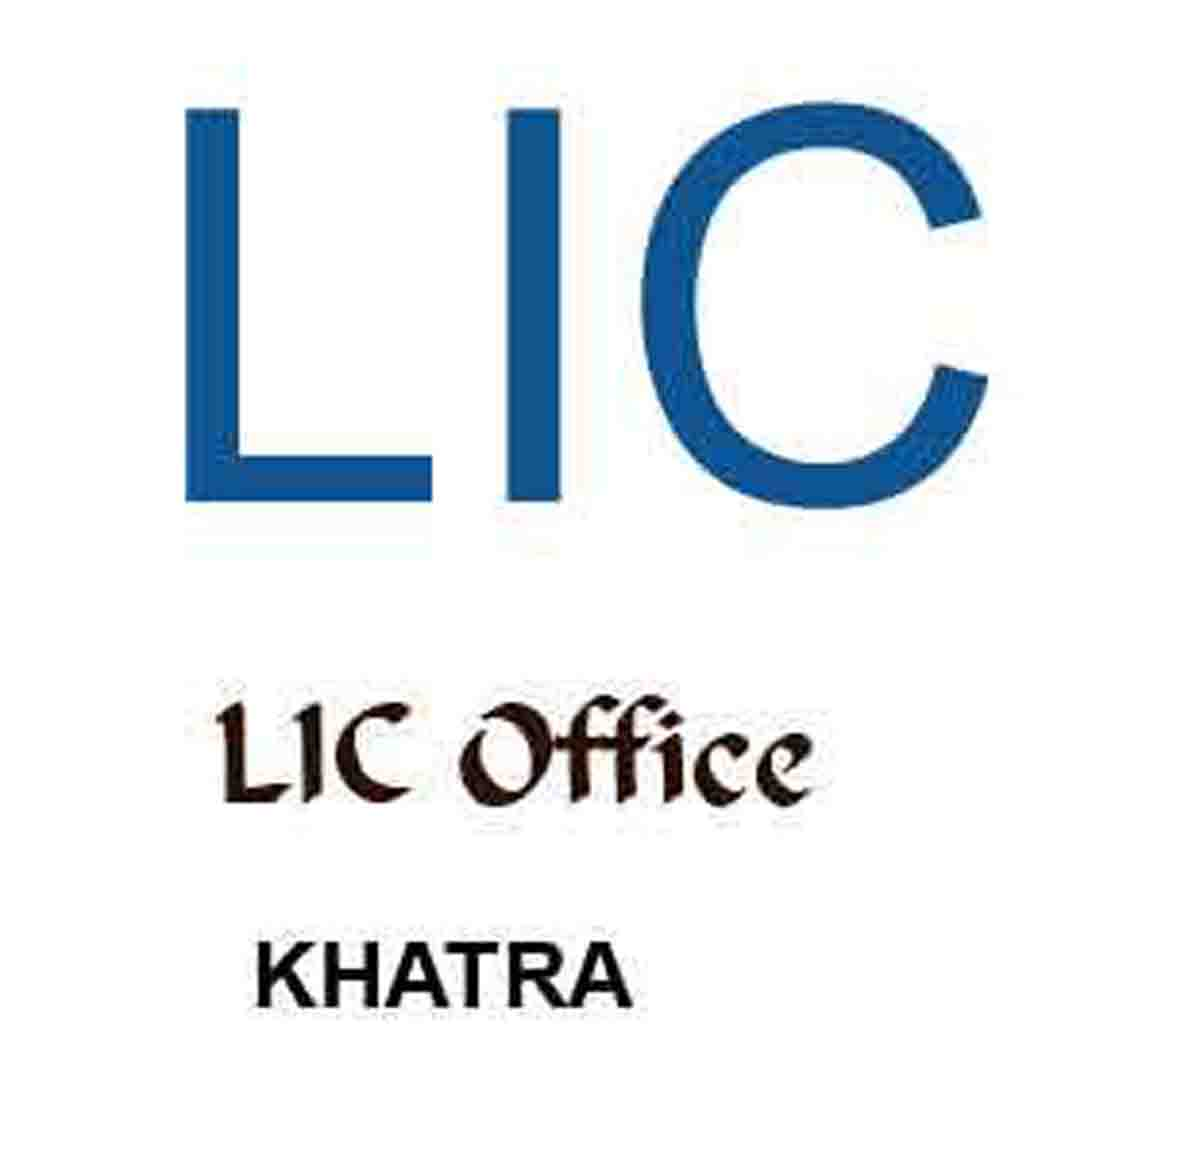 lic office khatra